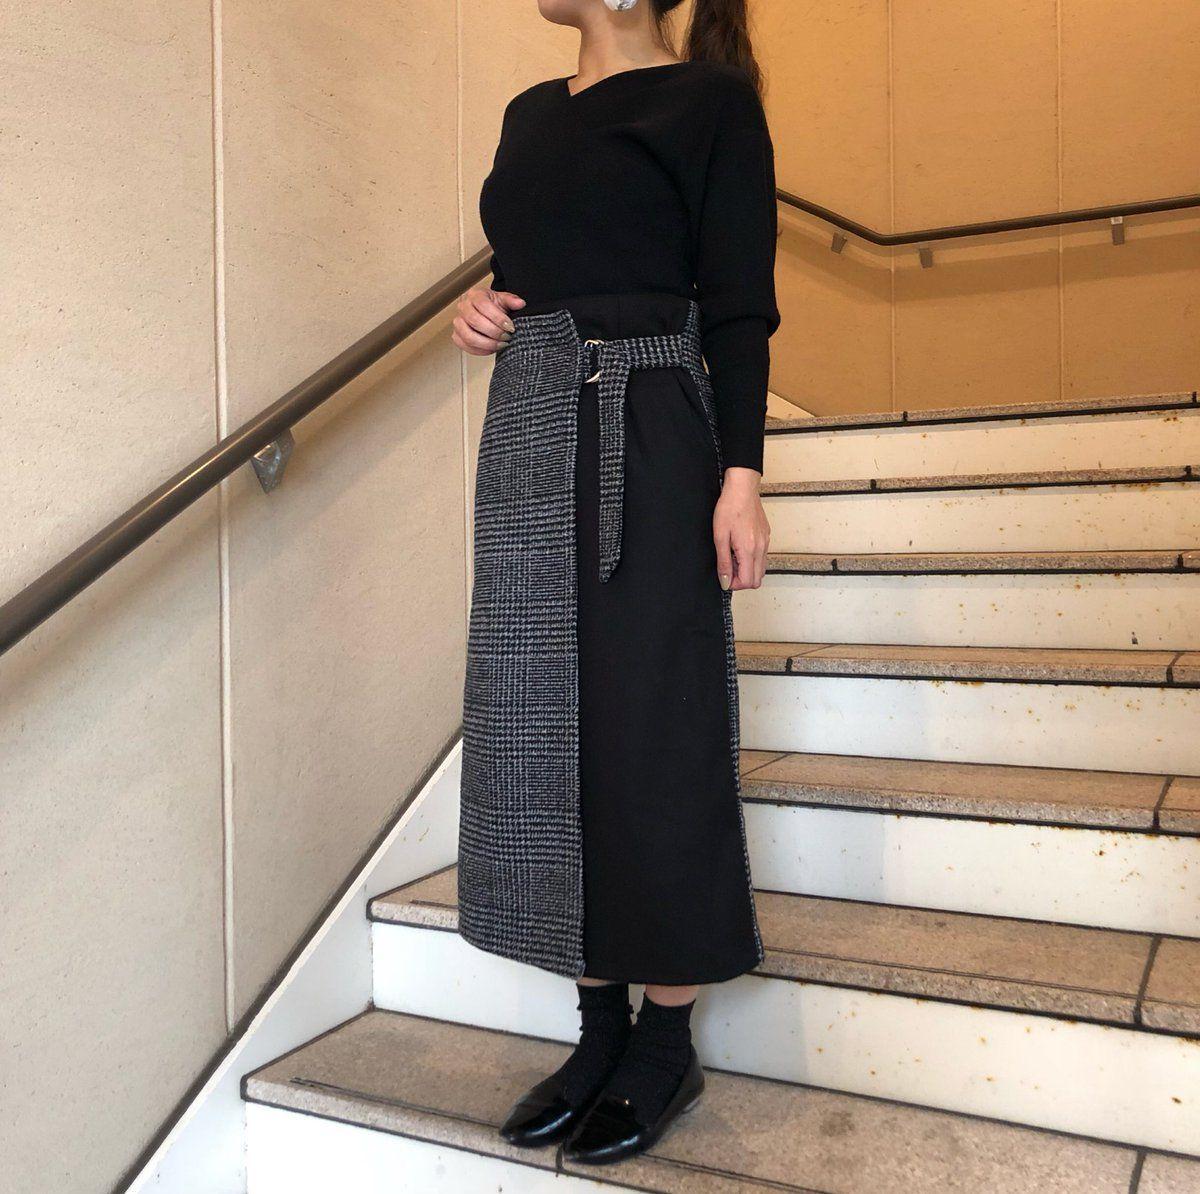 [MURUA]對接裙